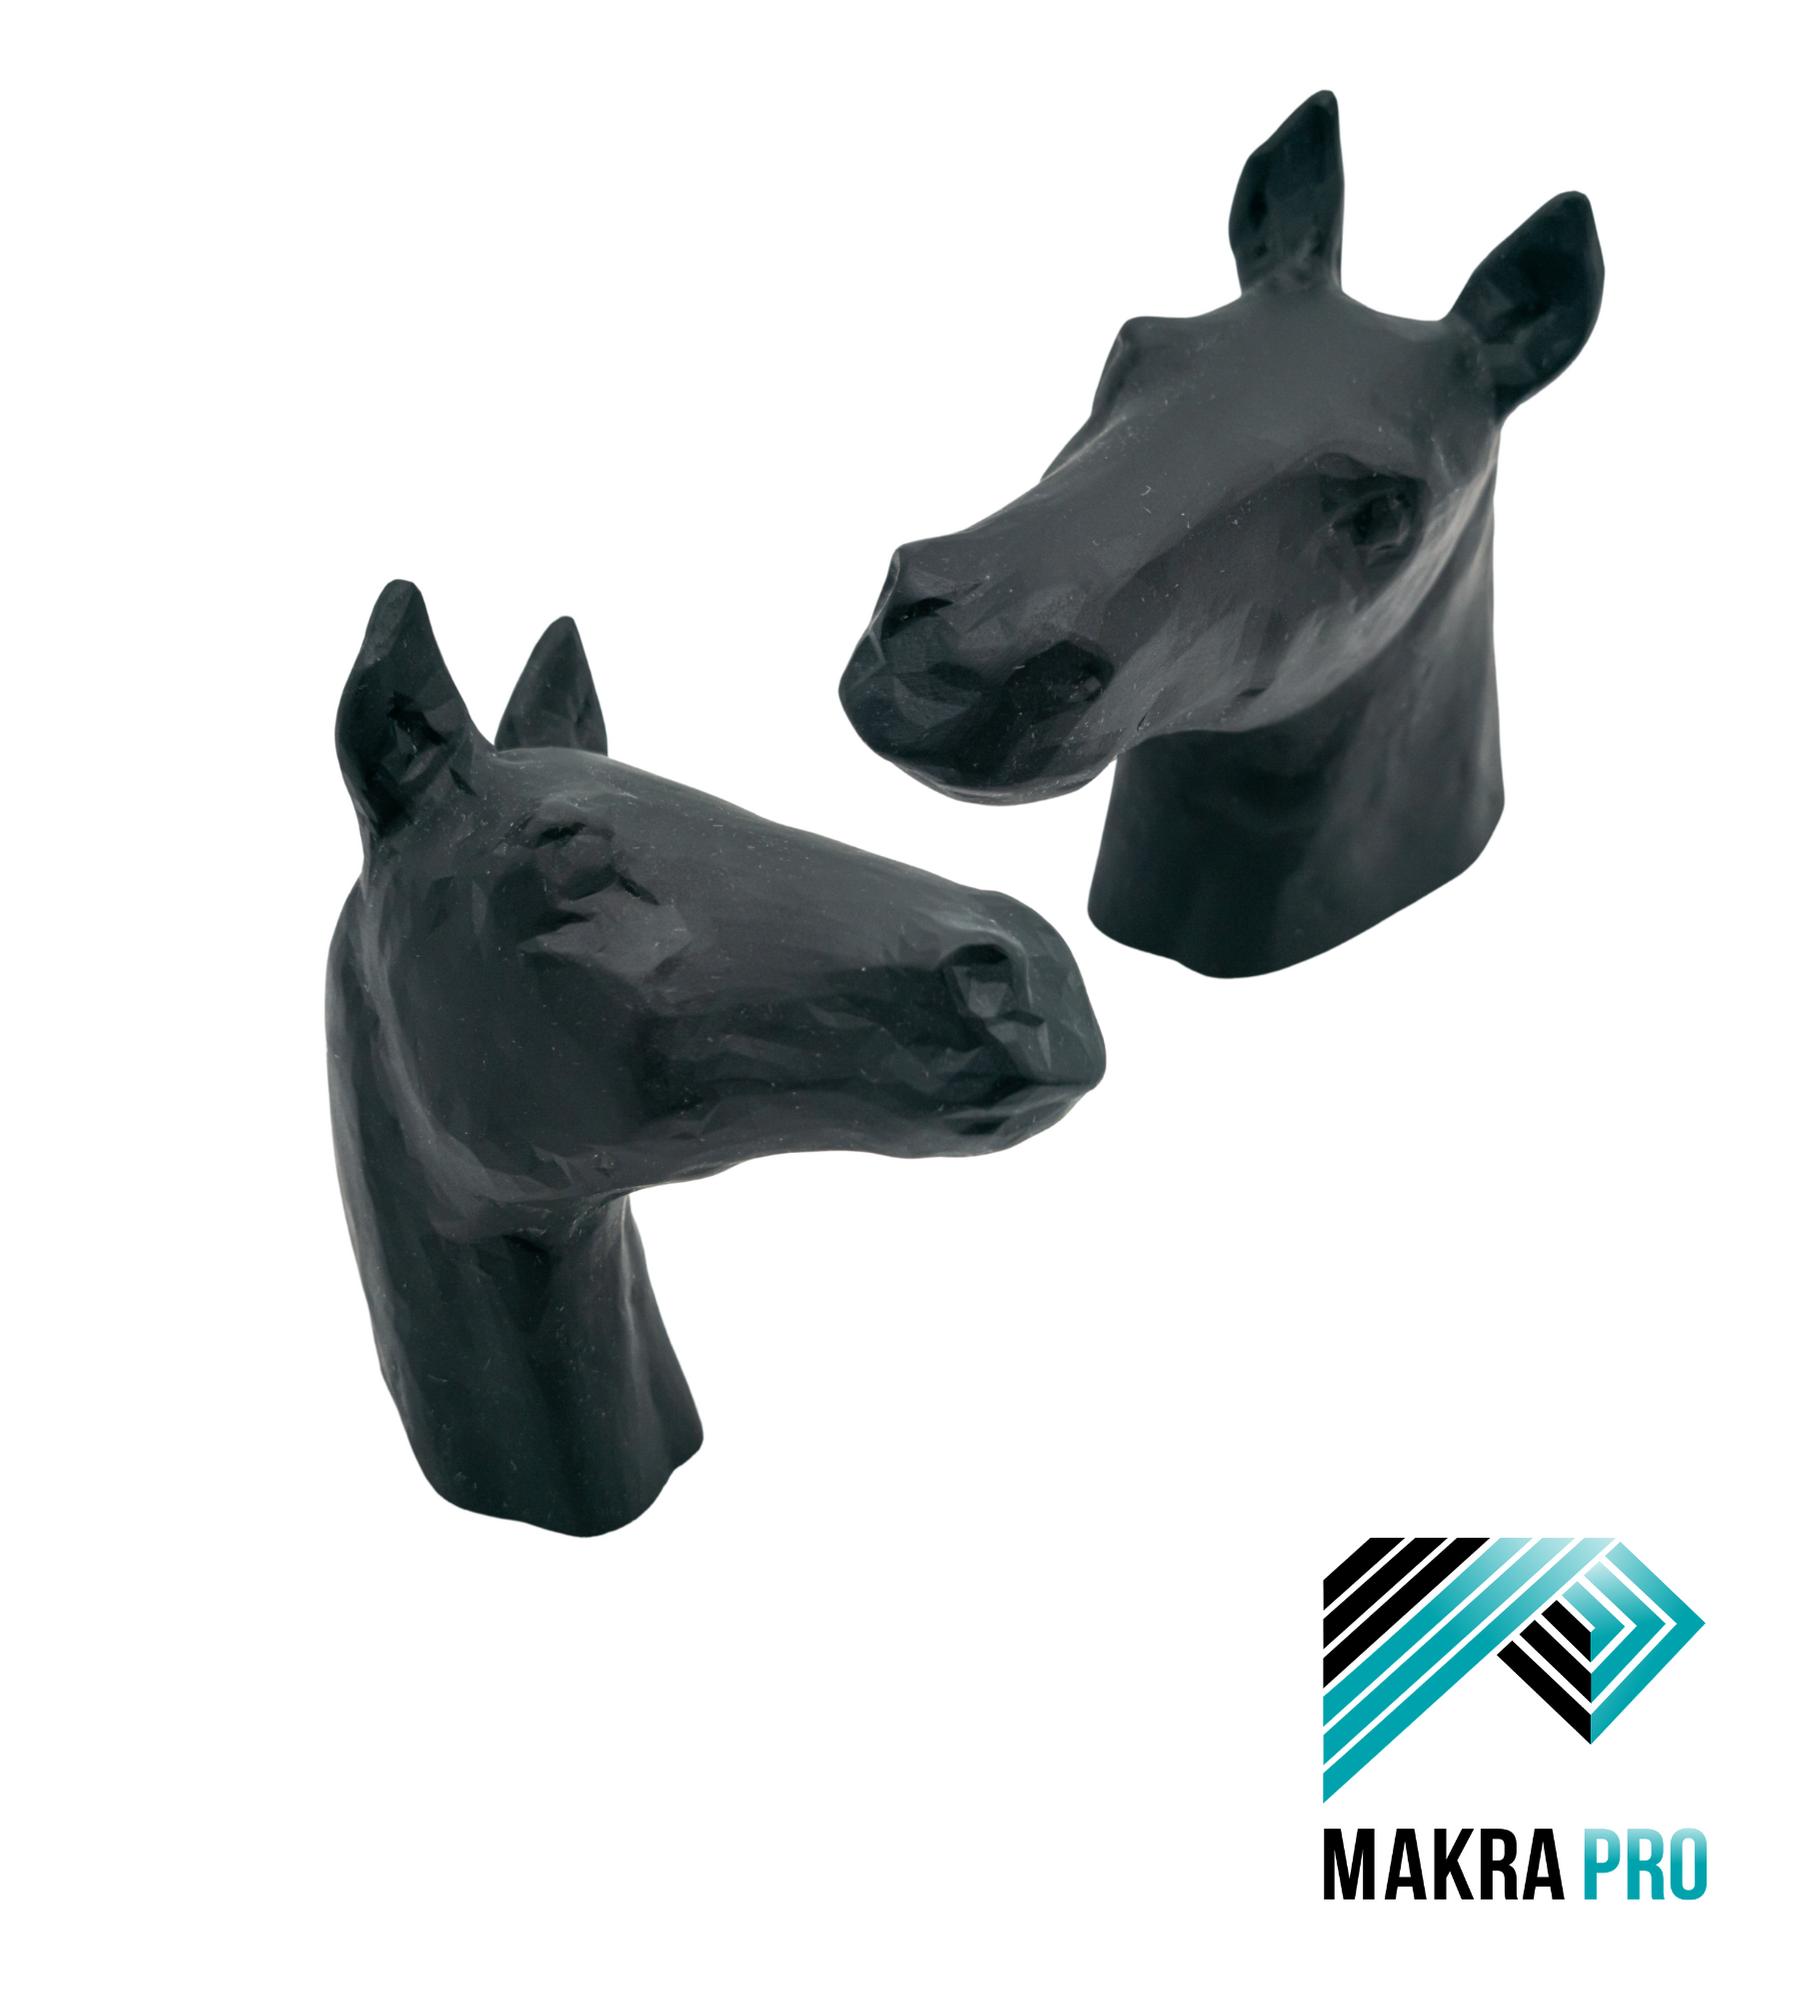 Pferdekopf 3D-Druck Makra Pro